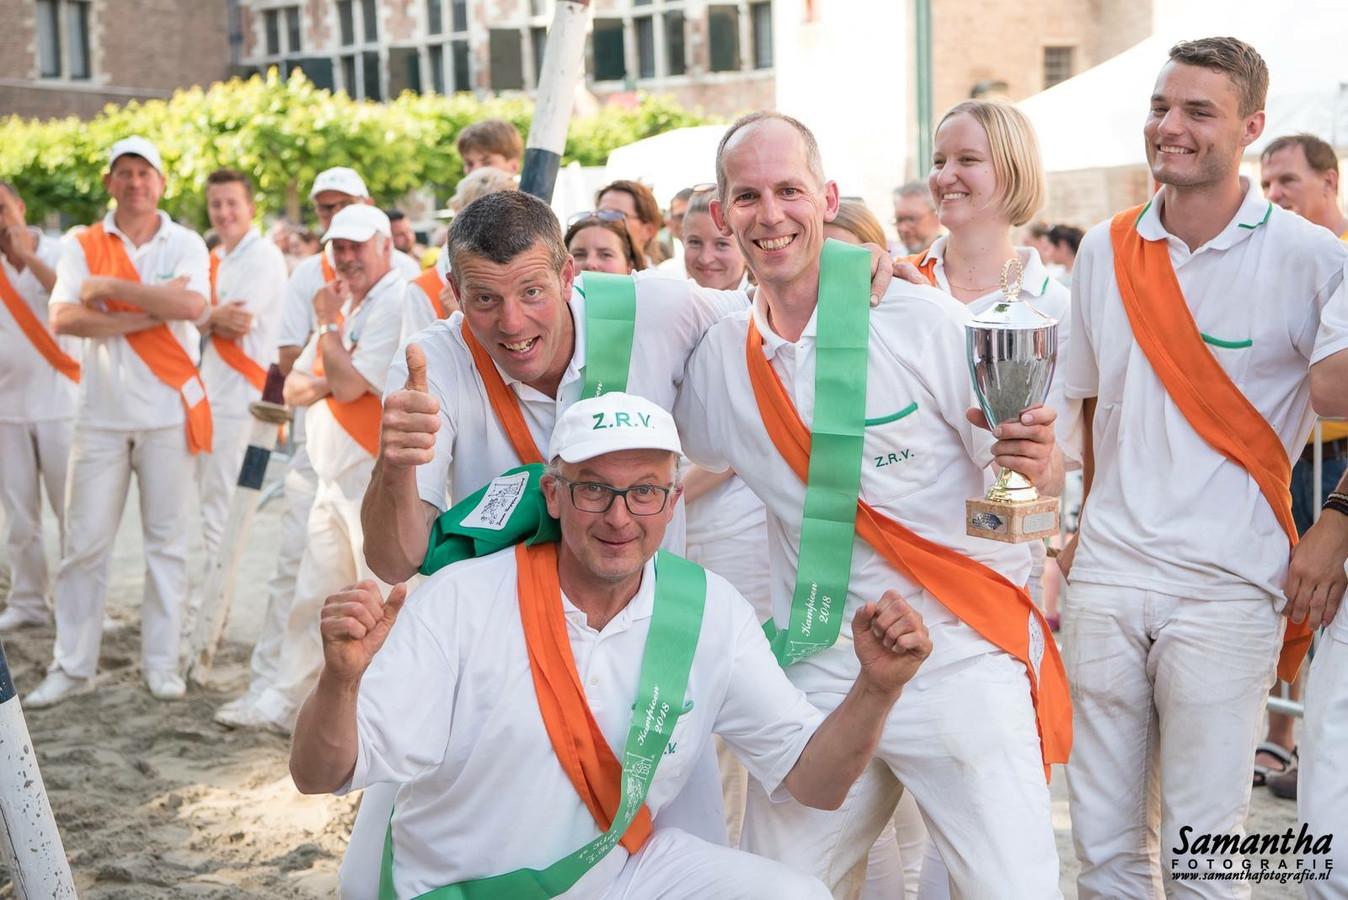 Het team van Koudekere 1 viert de overwinning.